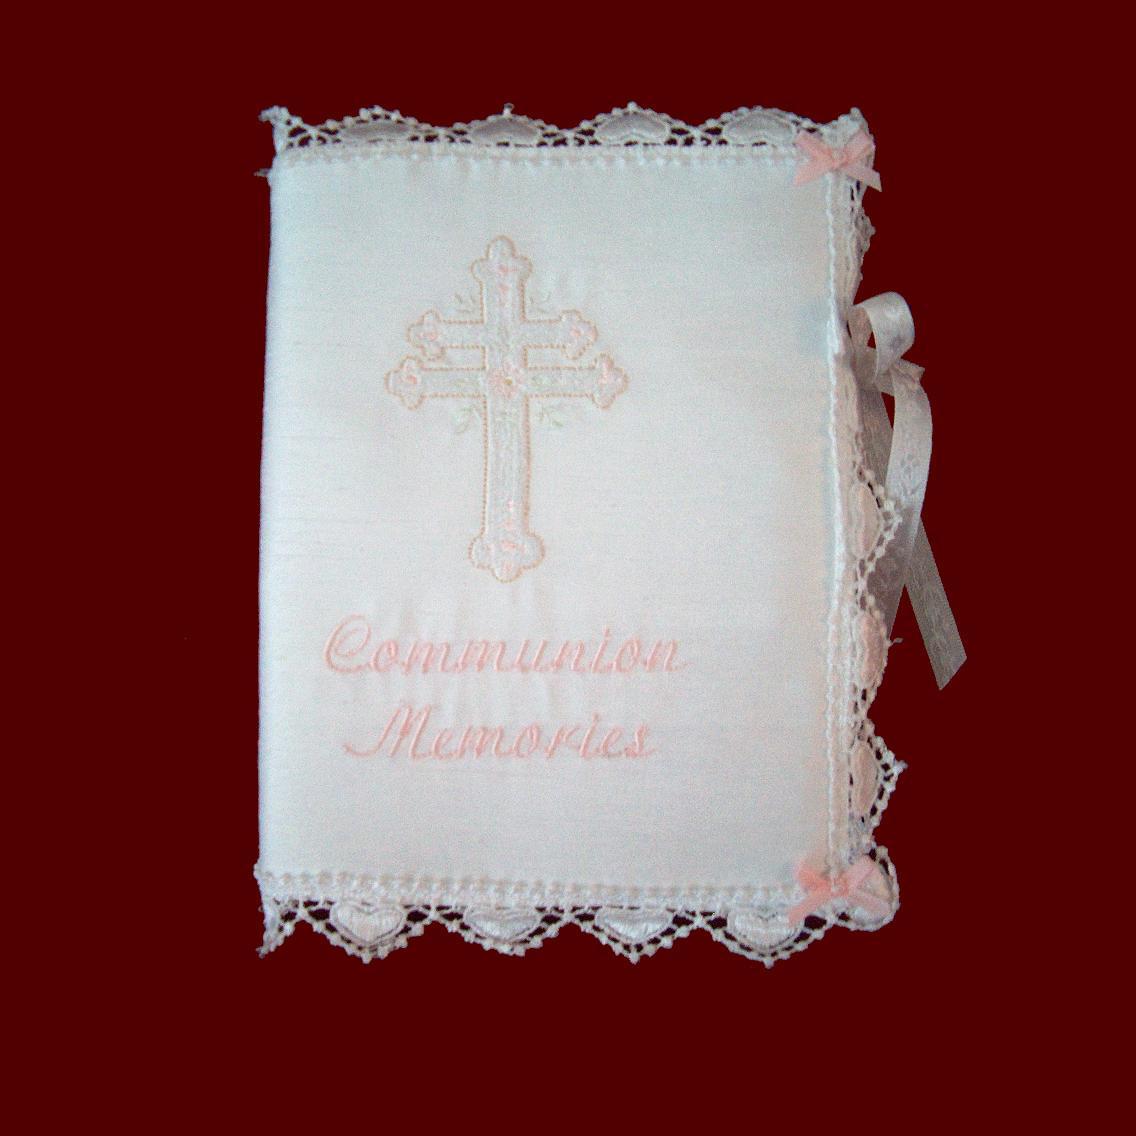 Communion Memories Photo Album Cover  Communion Bibles